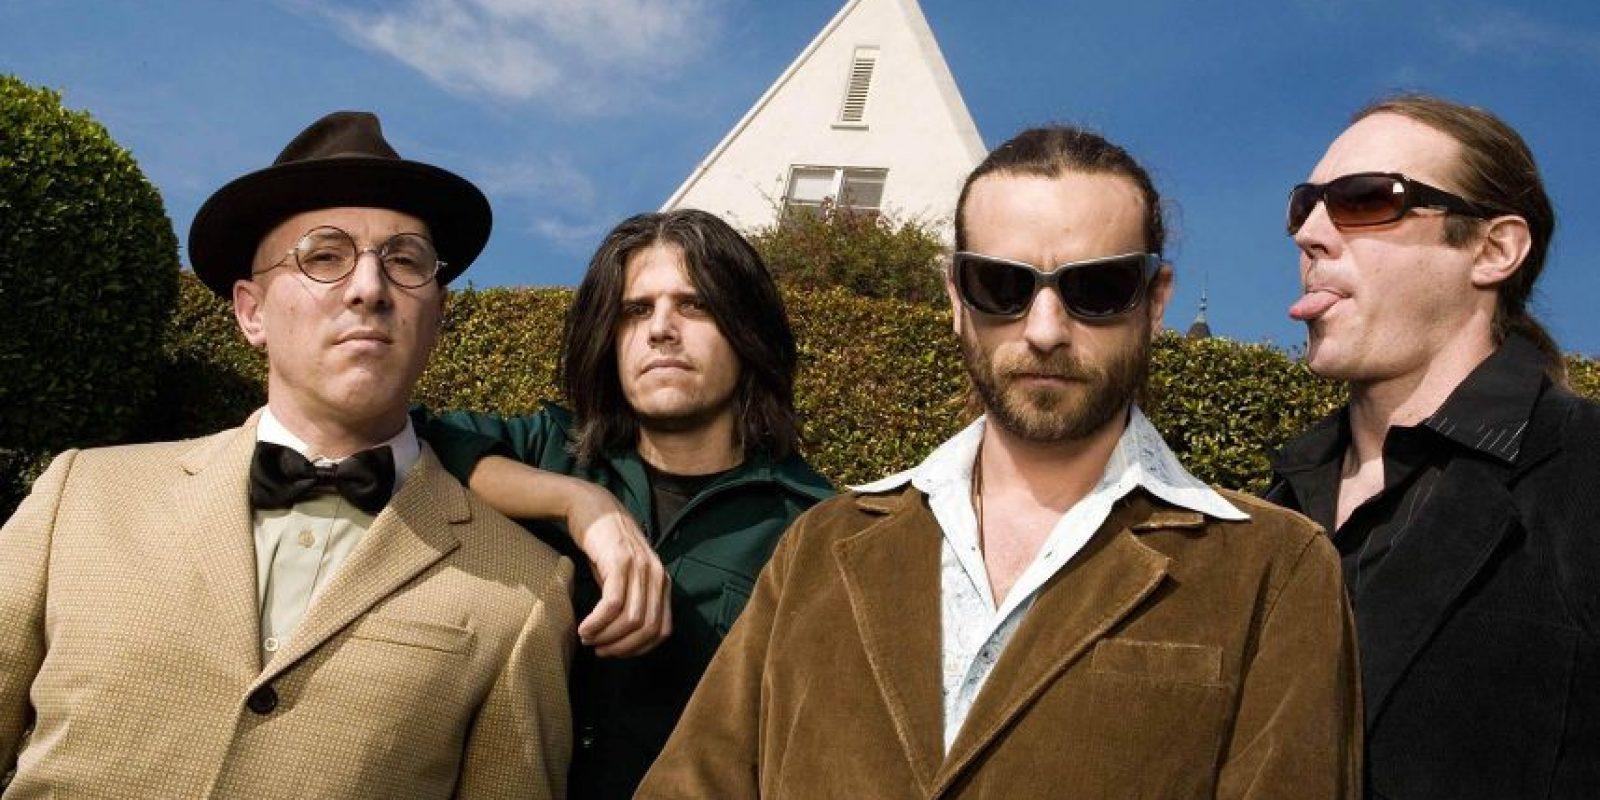 Uno de los grupos más importantes del metal progresivo, presentará un nuevo álbum tras nueve años de espera